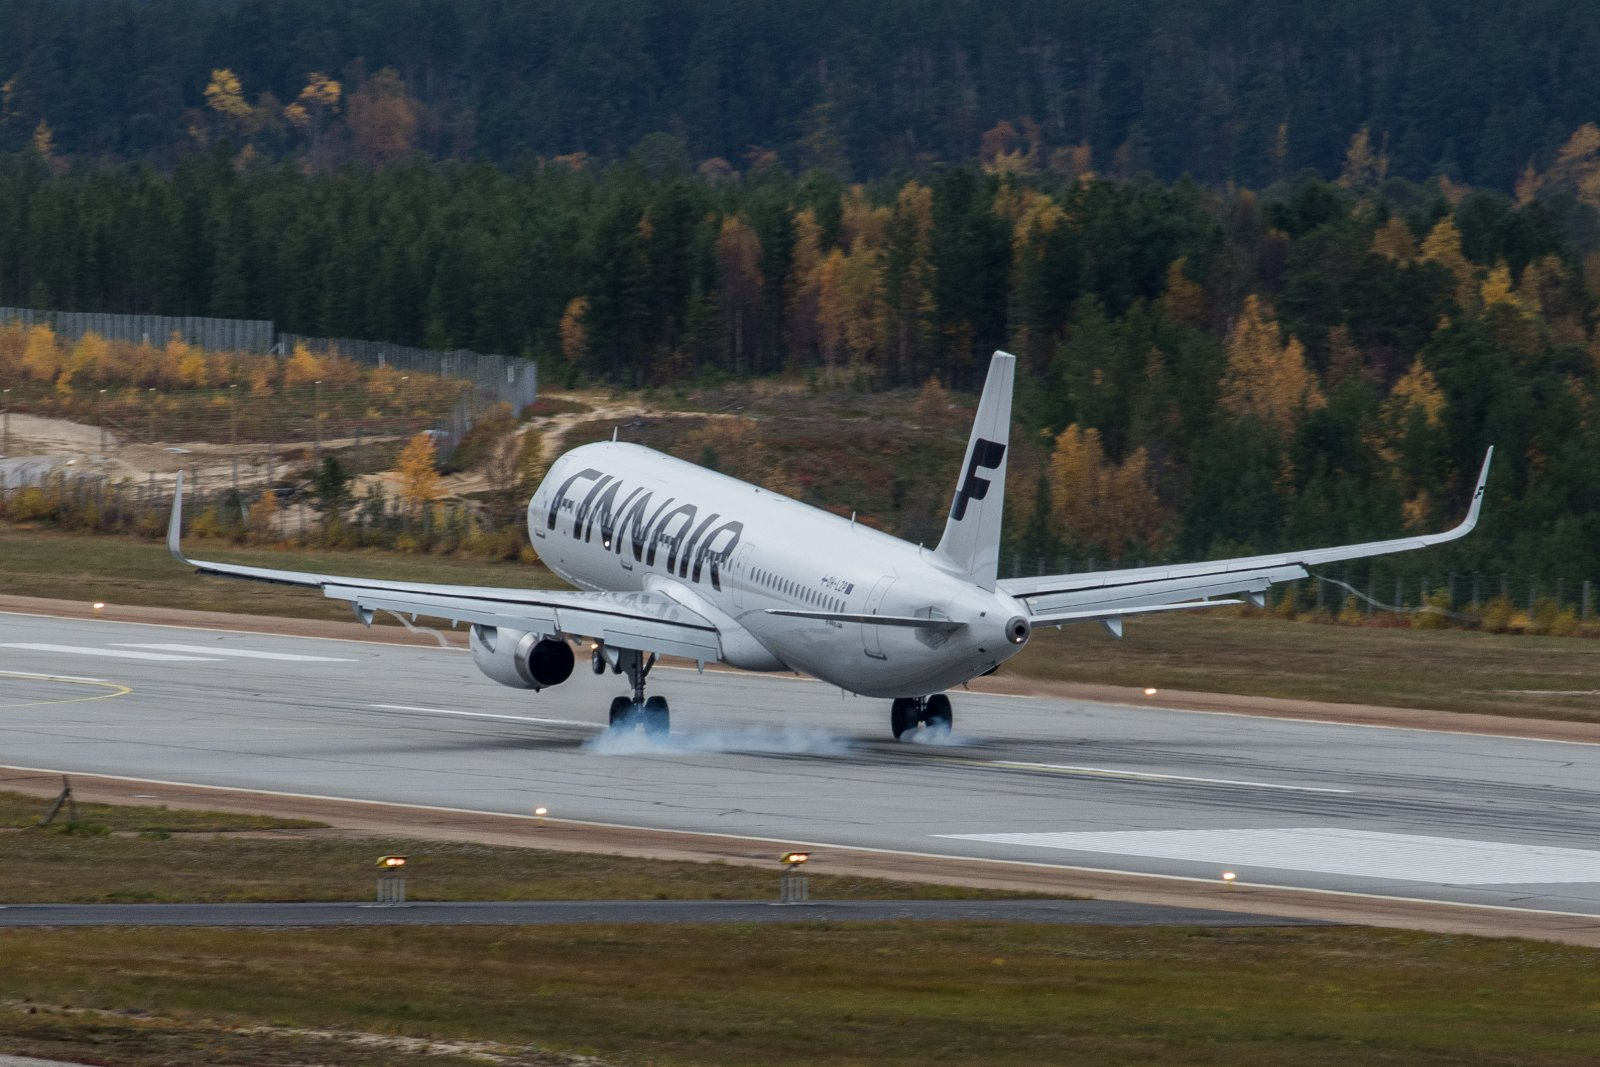 OH-LZP. Airbus 321-231, taitaa olla uusinta kalustoa Finnairilla.